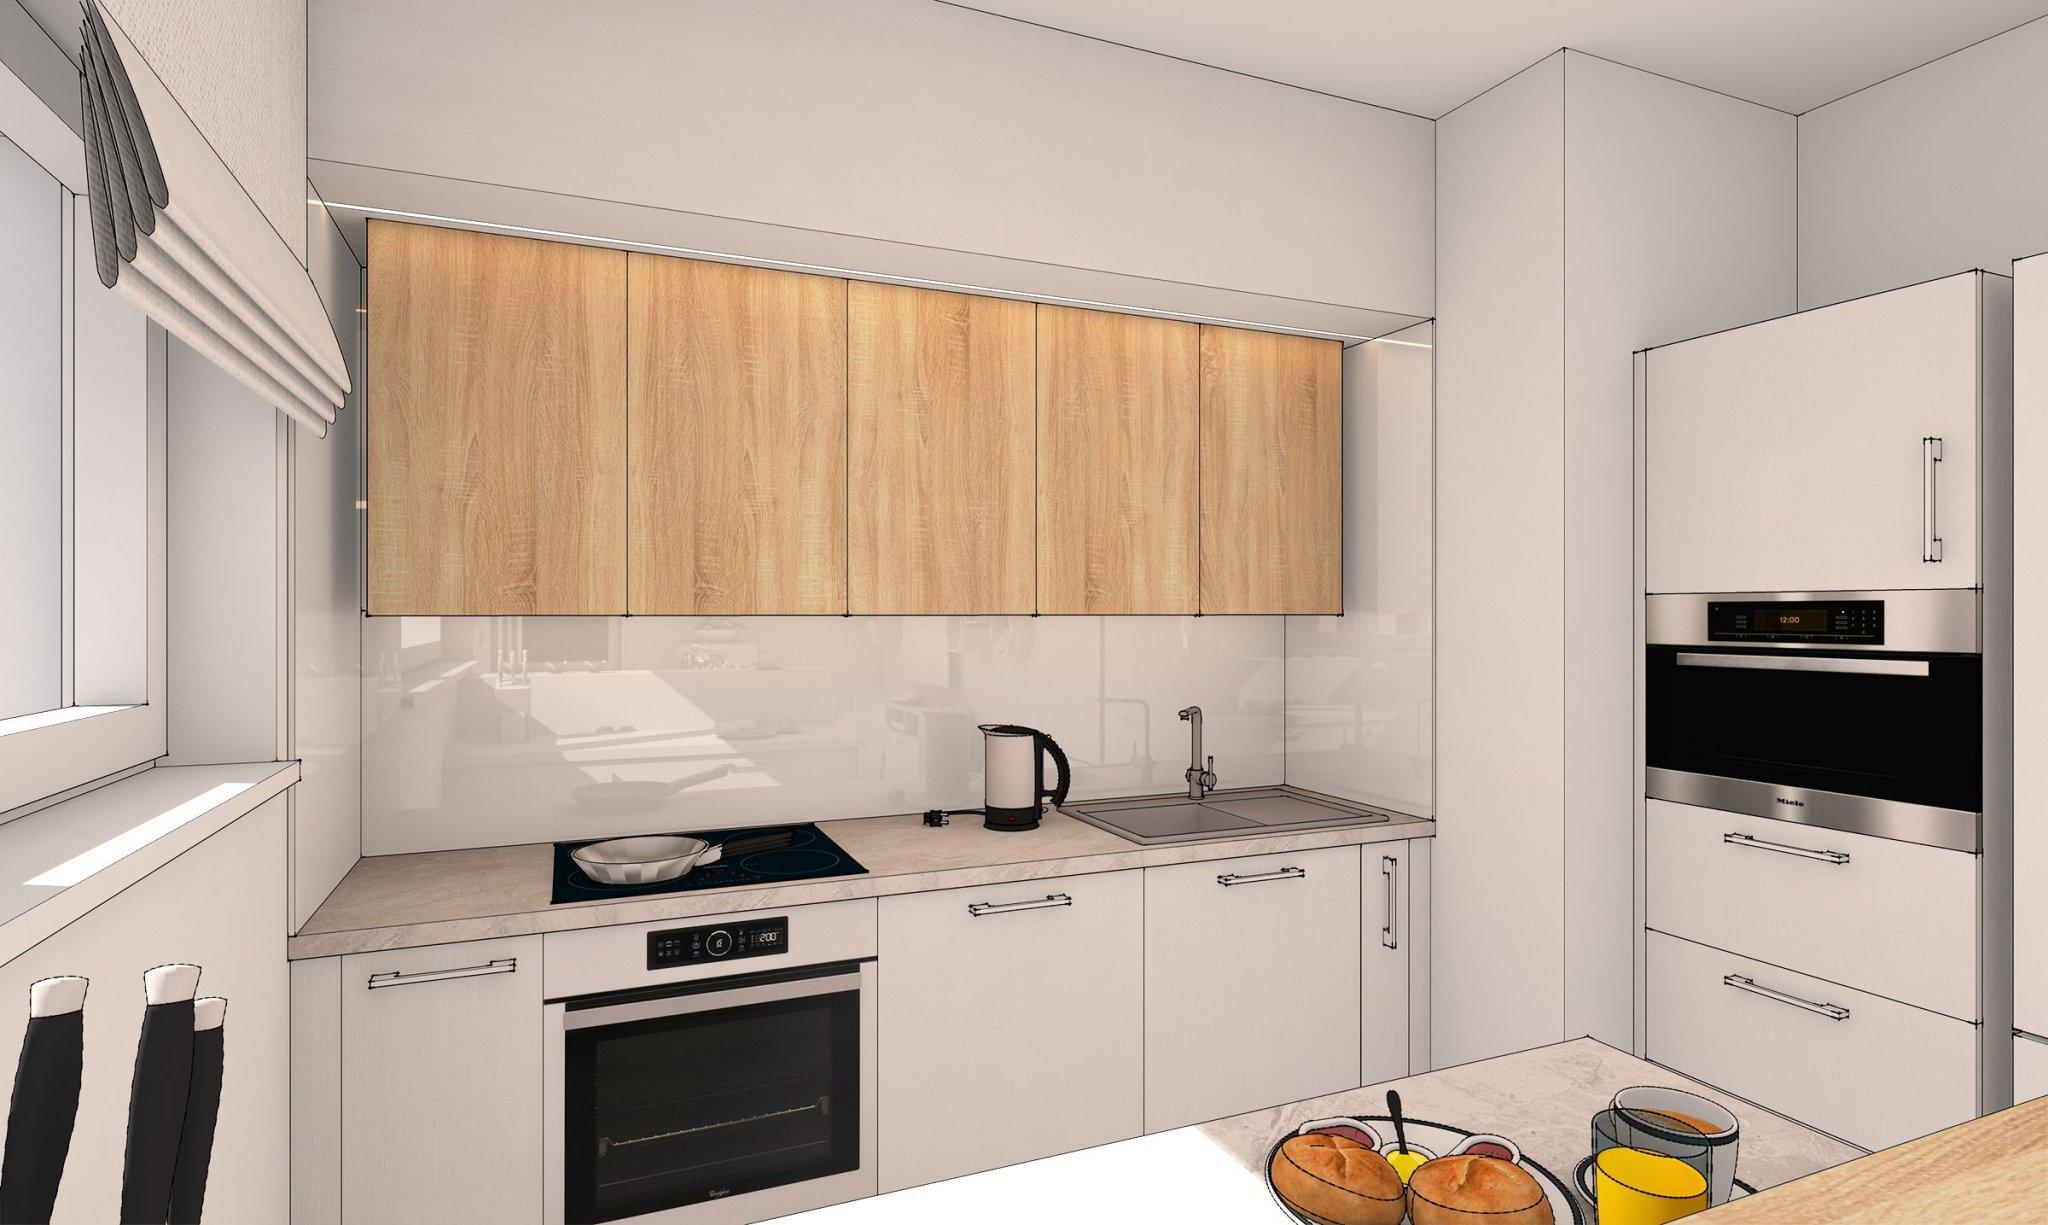 návrh interiéru kuchyně s jídelnou